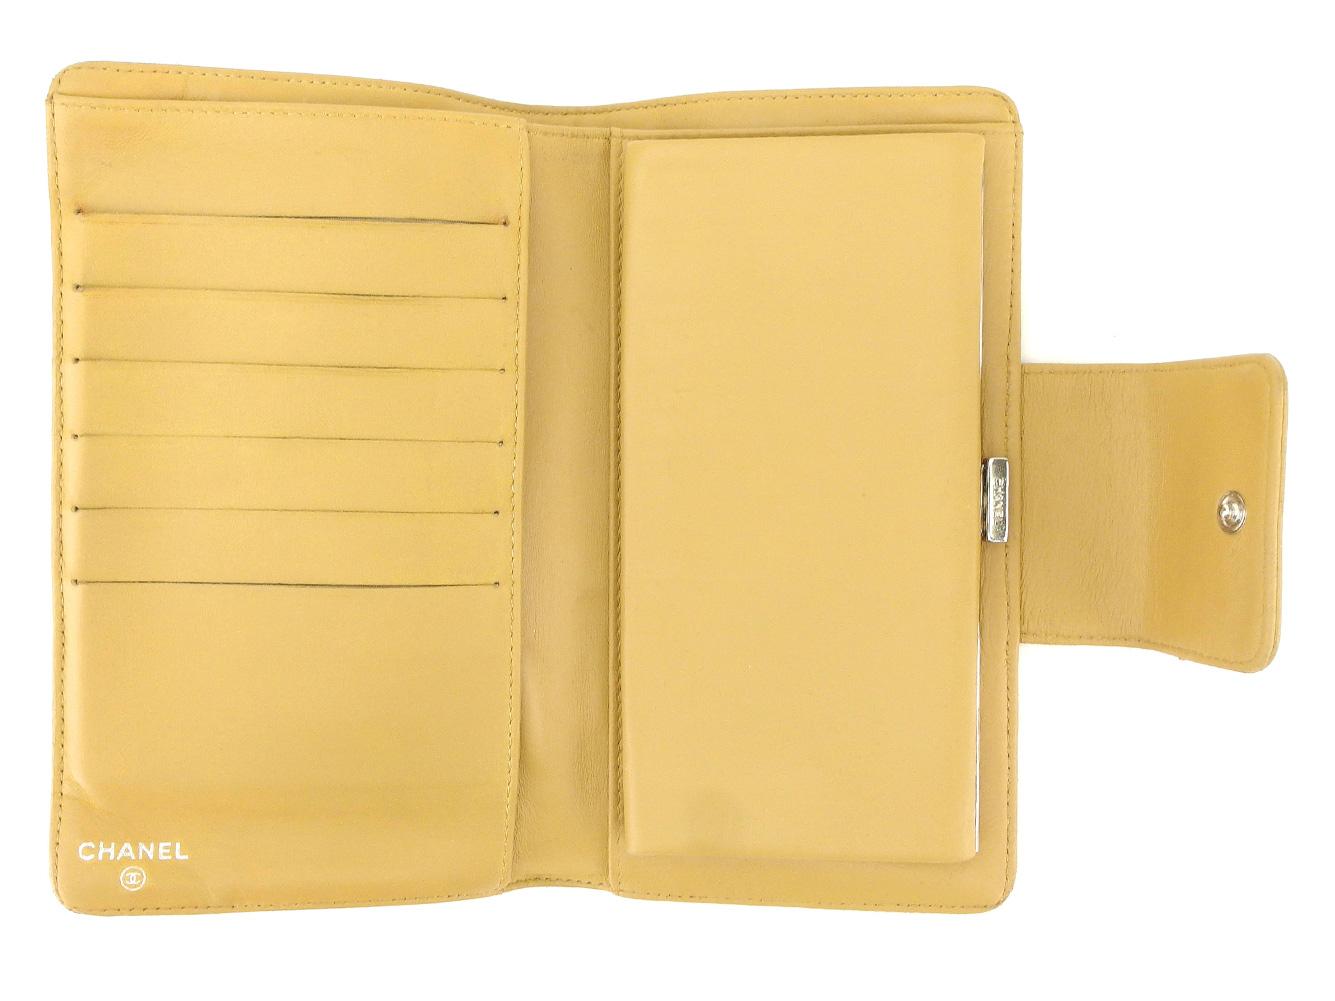 102d7ca3cfc0 ... シャネルCHANEL長財布がま口財布メンズ可ココマークアイコンシリーズベージュシルバー ?財布 ?